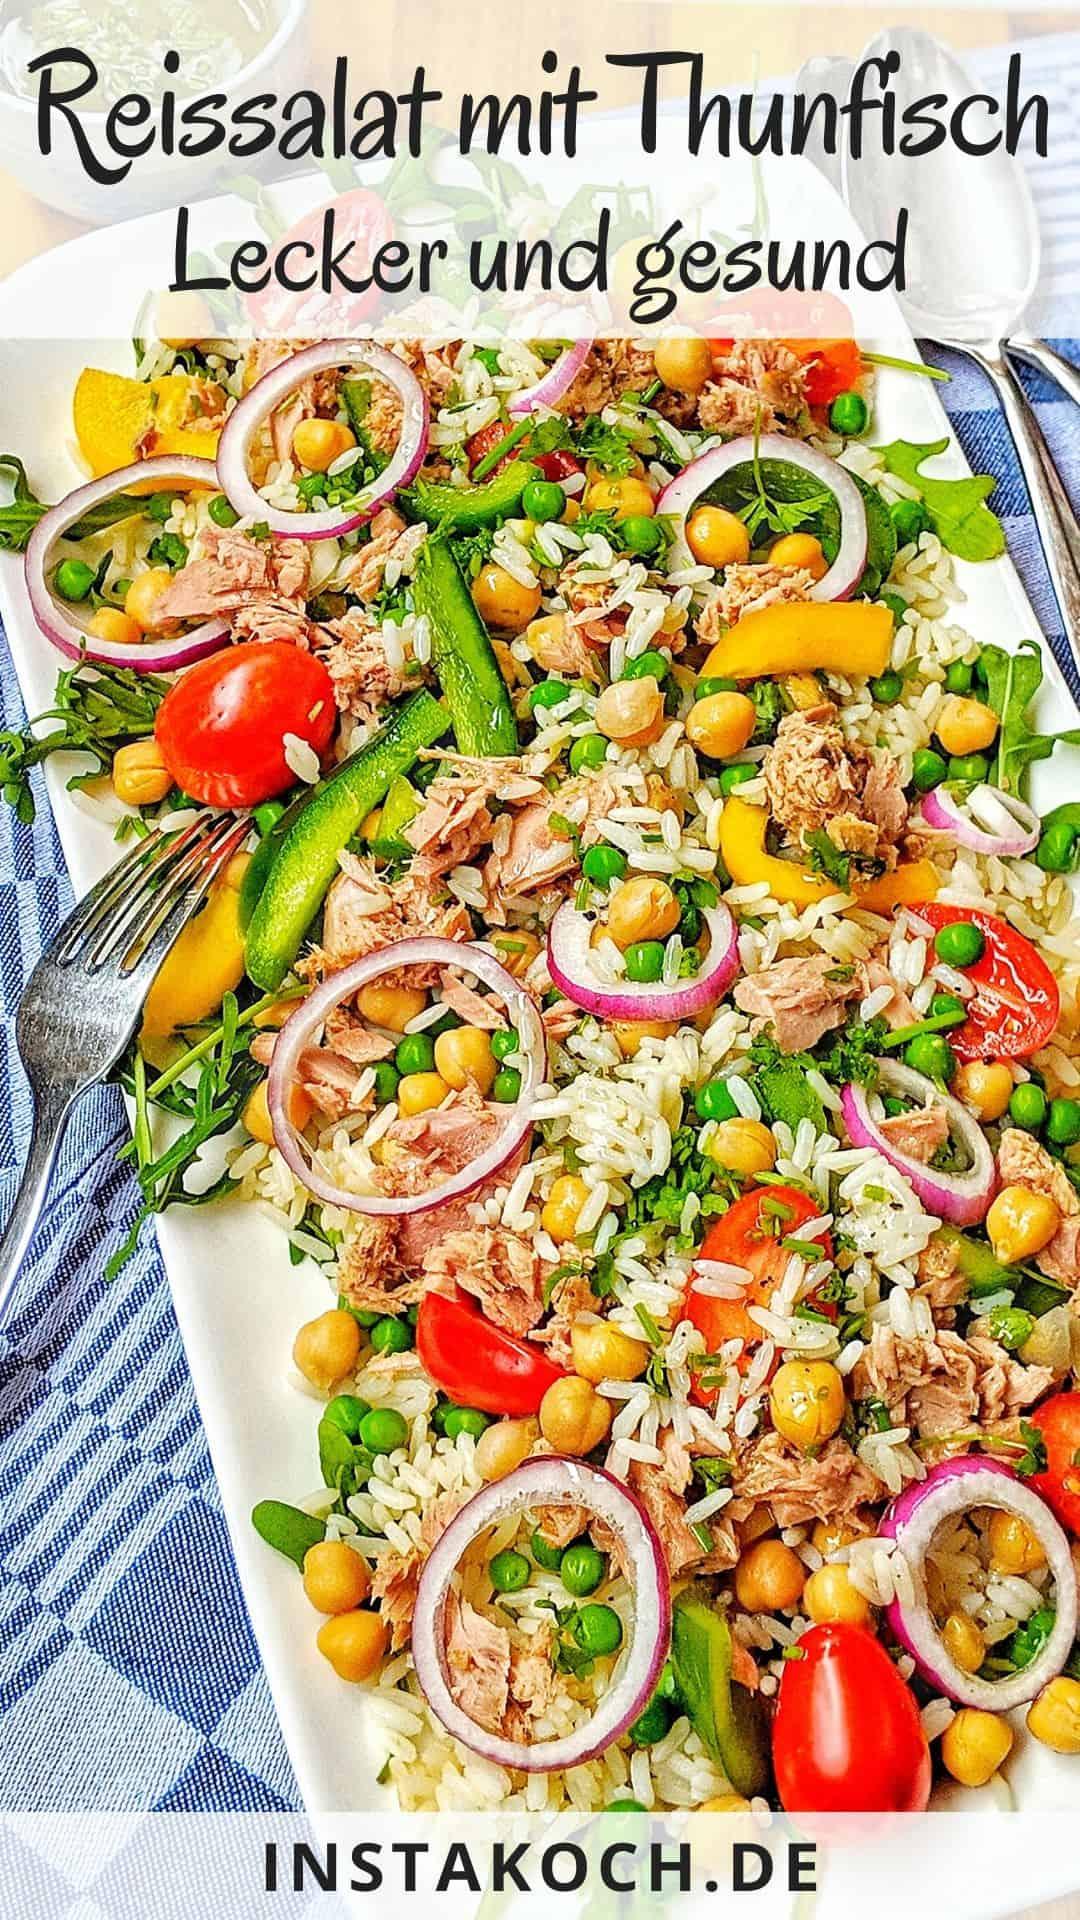 Eine Servierplatte mit Reissalat und Besteck